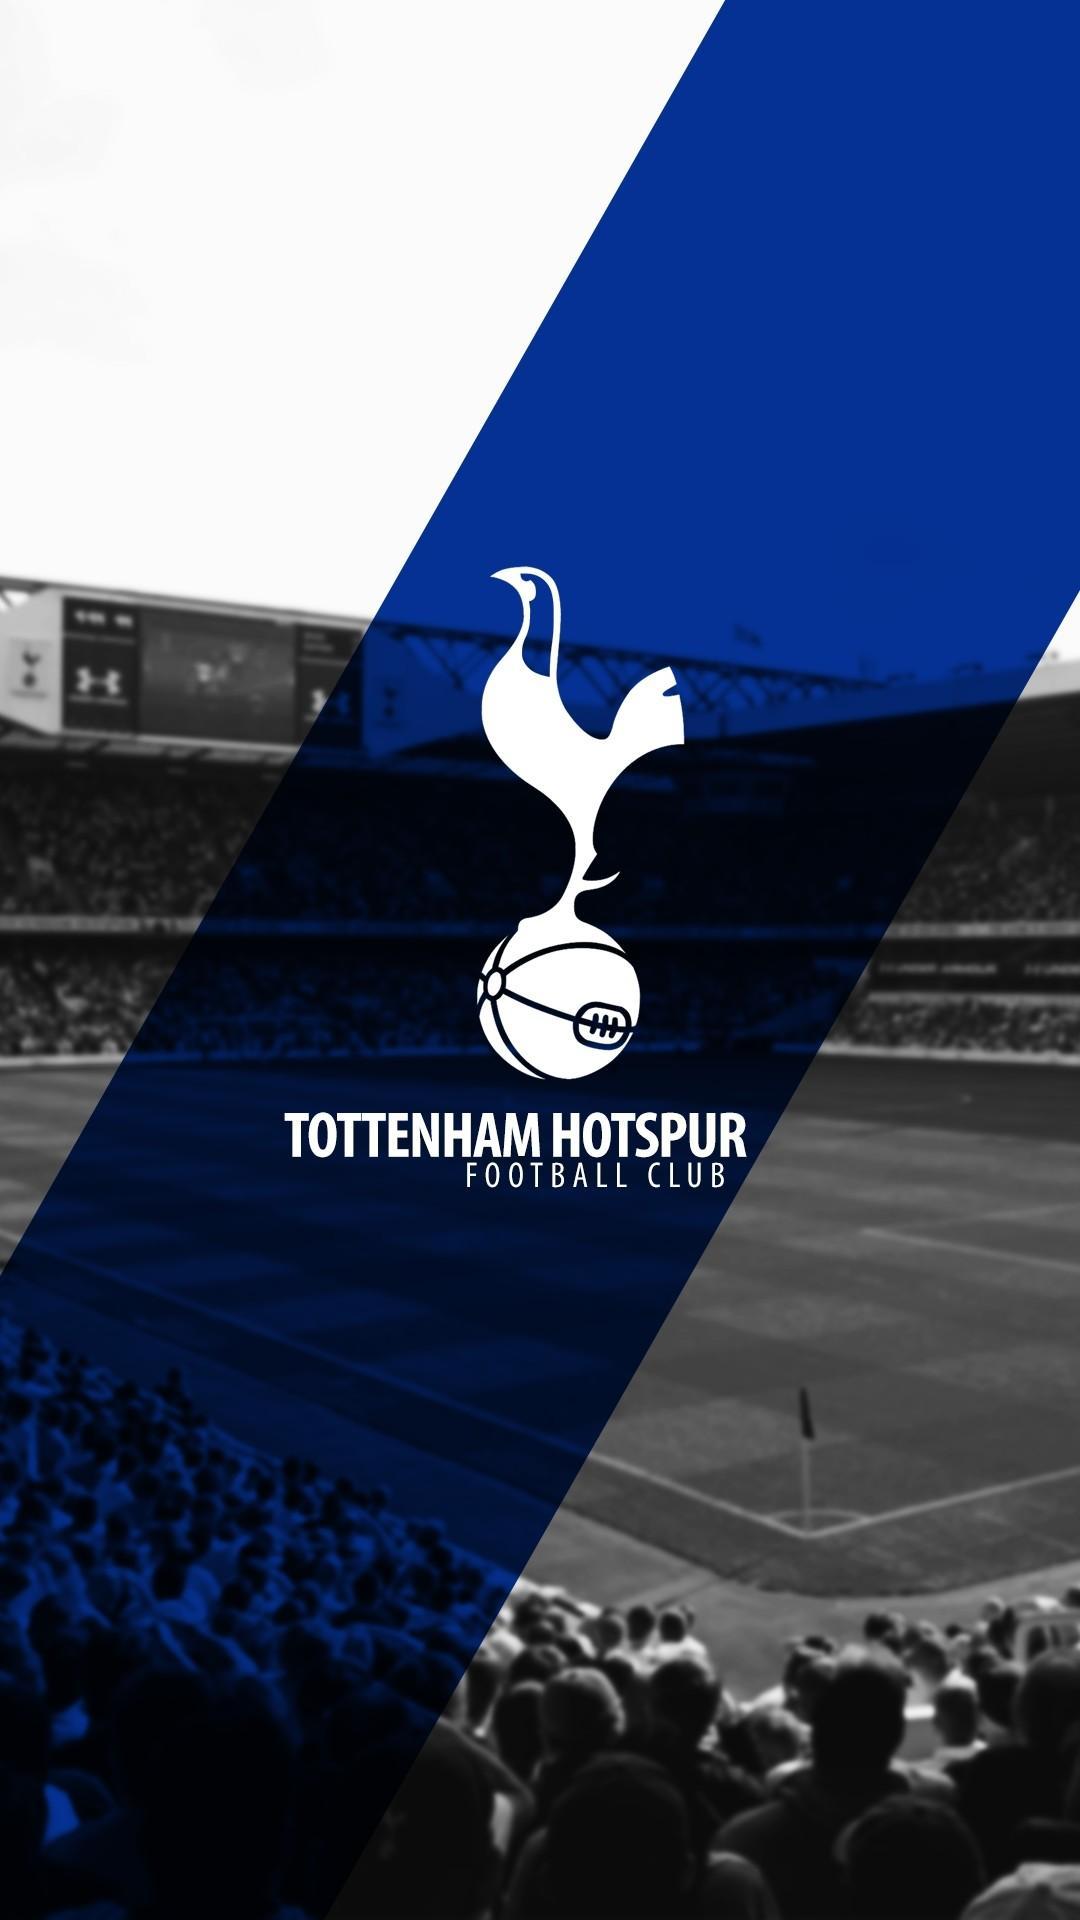 Tottenham Hotspur F C 2019 Wallpapers Wallpaper Cave